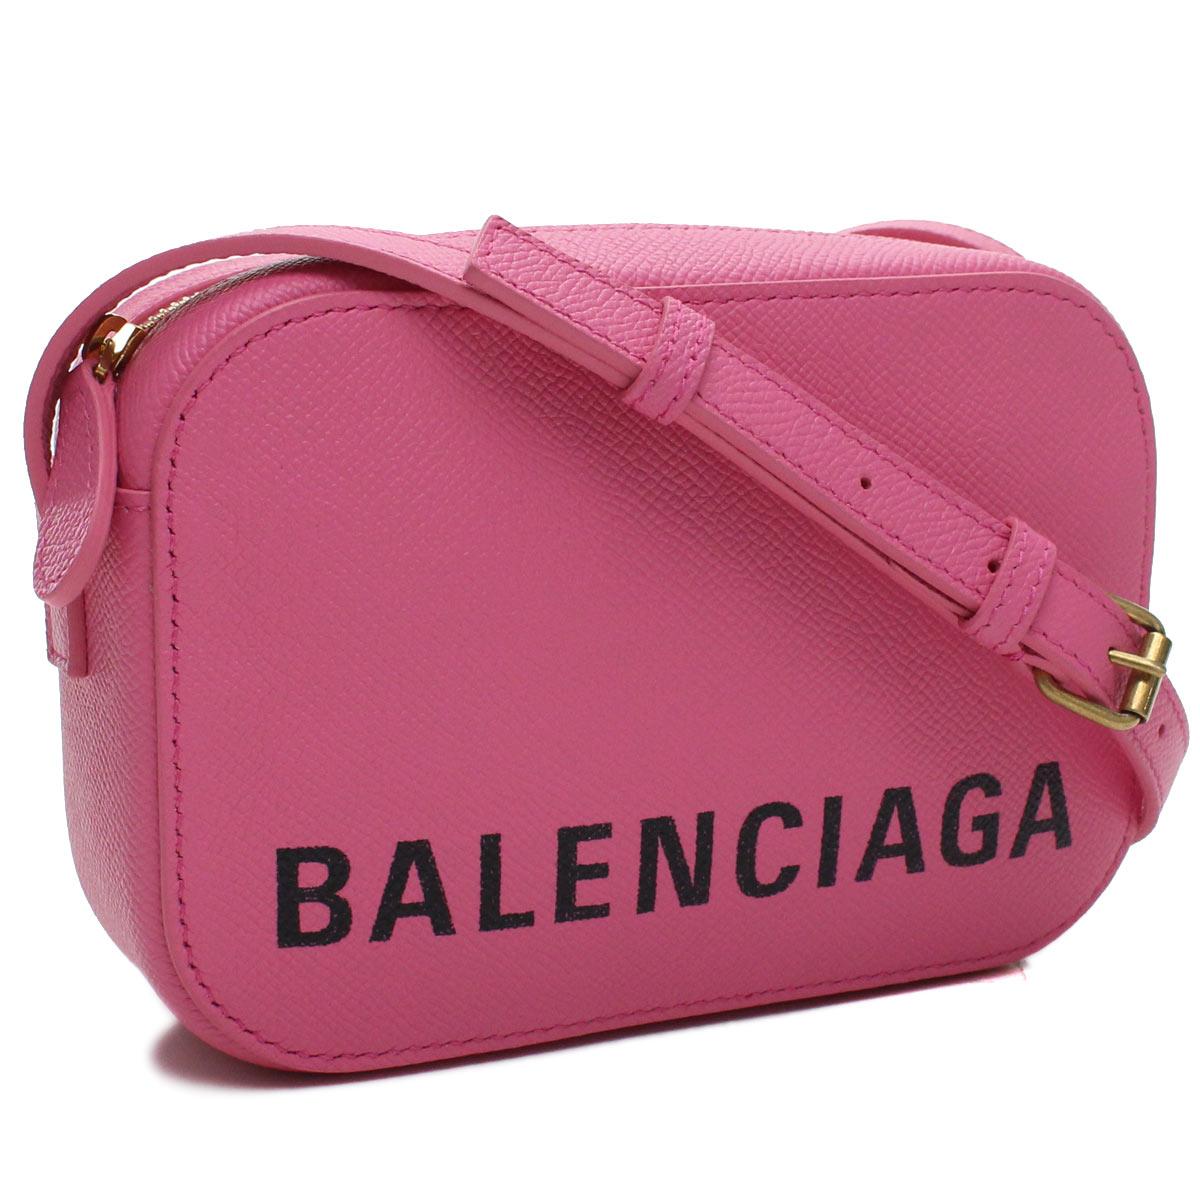 バレンシアガ BALENCIAGA VILLE ヴィル カメラバッグ XS 斜め掛け ショルダーバッグ 558171 0OTDM 5560 ピンク系 レディース